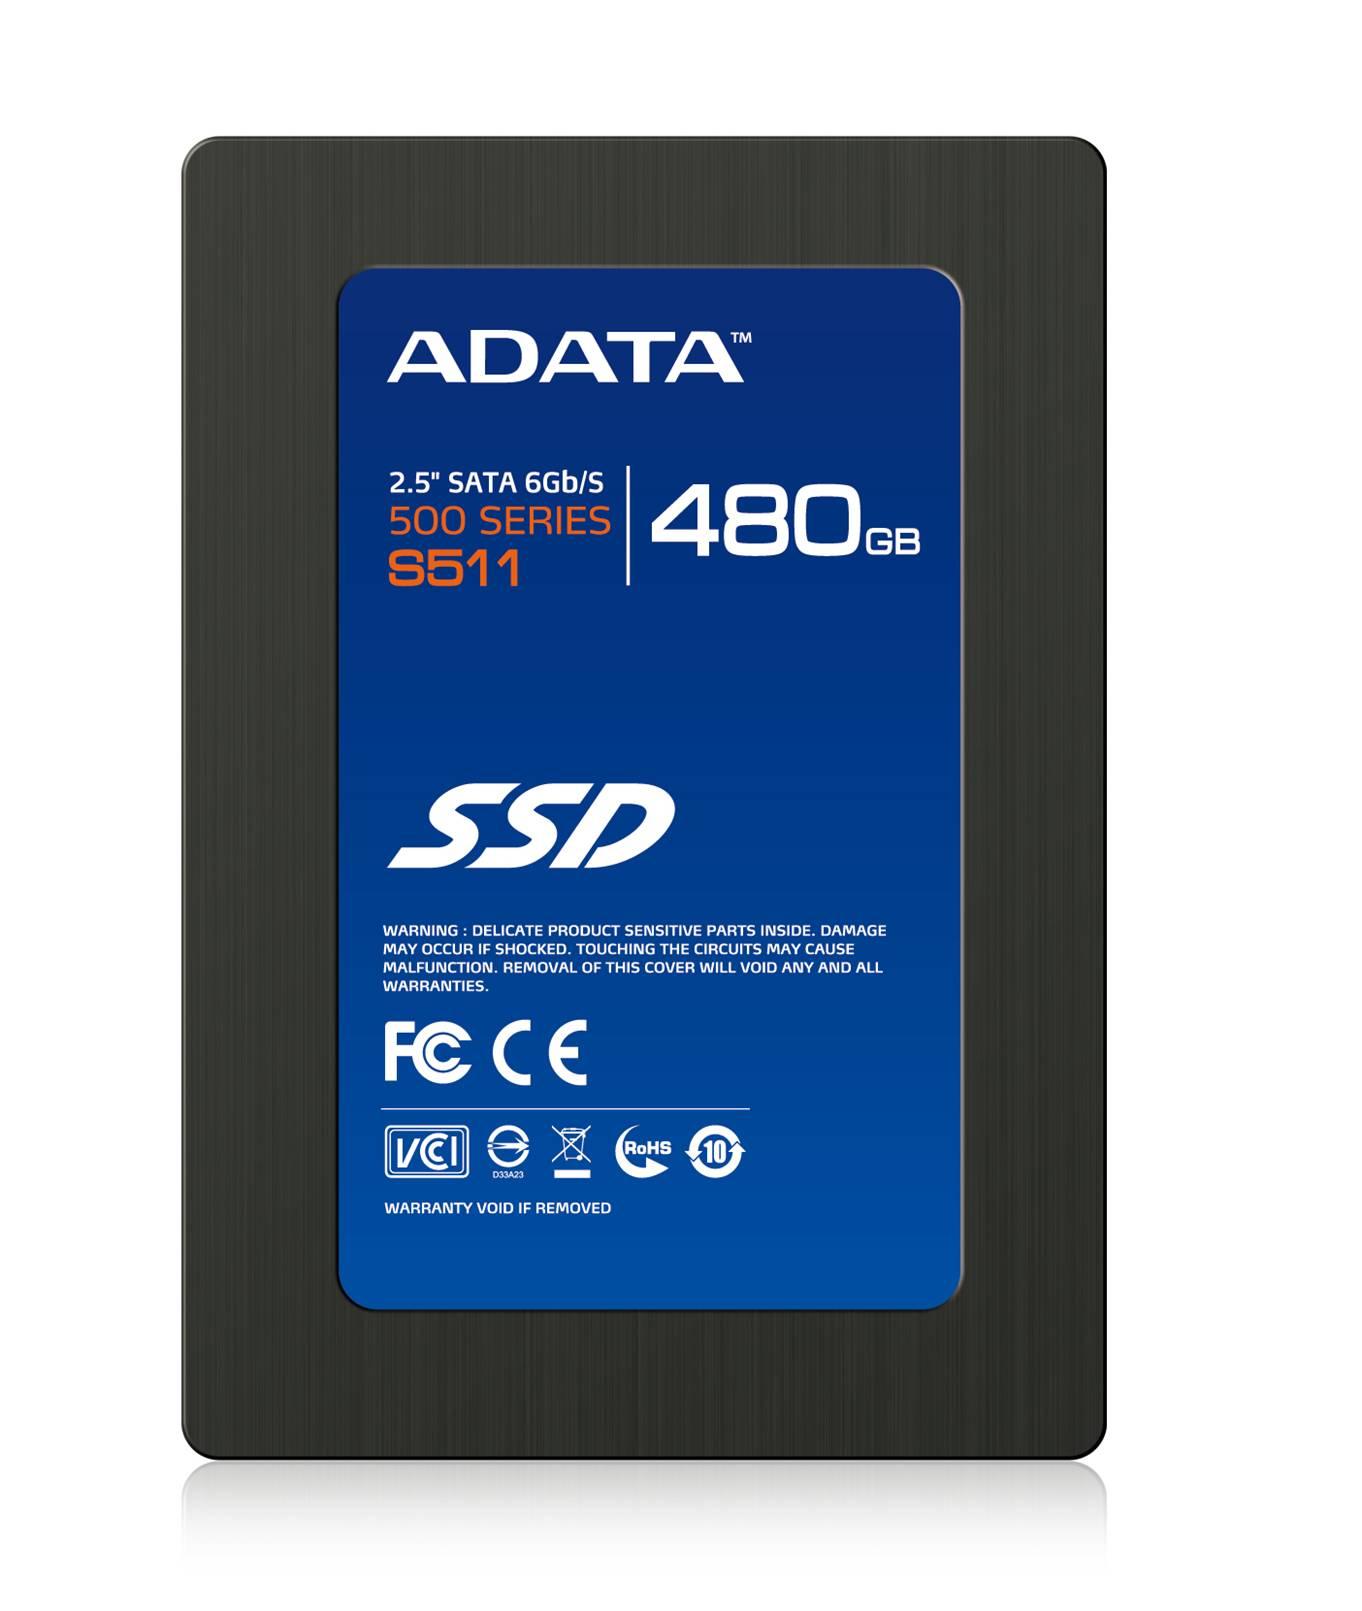 終極傳輸效能固態硬碟 / 威剛科技股份有限公司